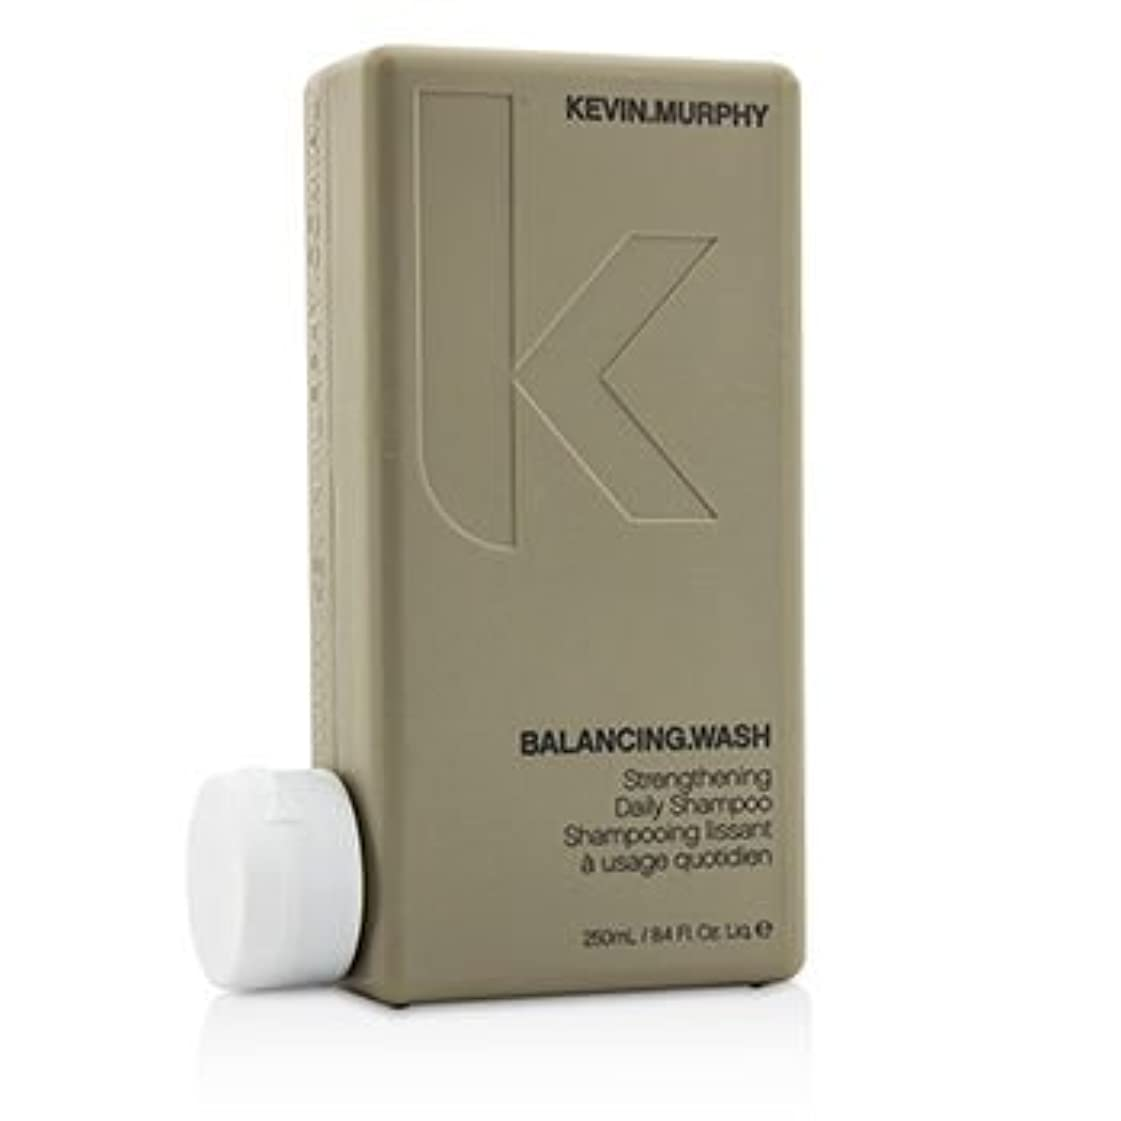 実現可能欲しいですボイラー[Kevin.Murphy] Balancing.Wash (Strengthening Daily Shampoo - For Coloured Hair) 250ml/8.4oz